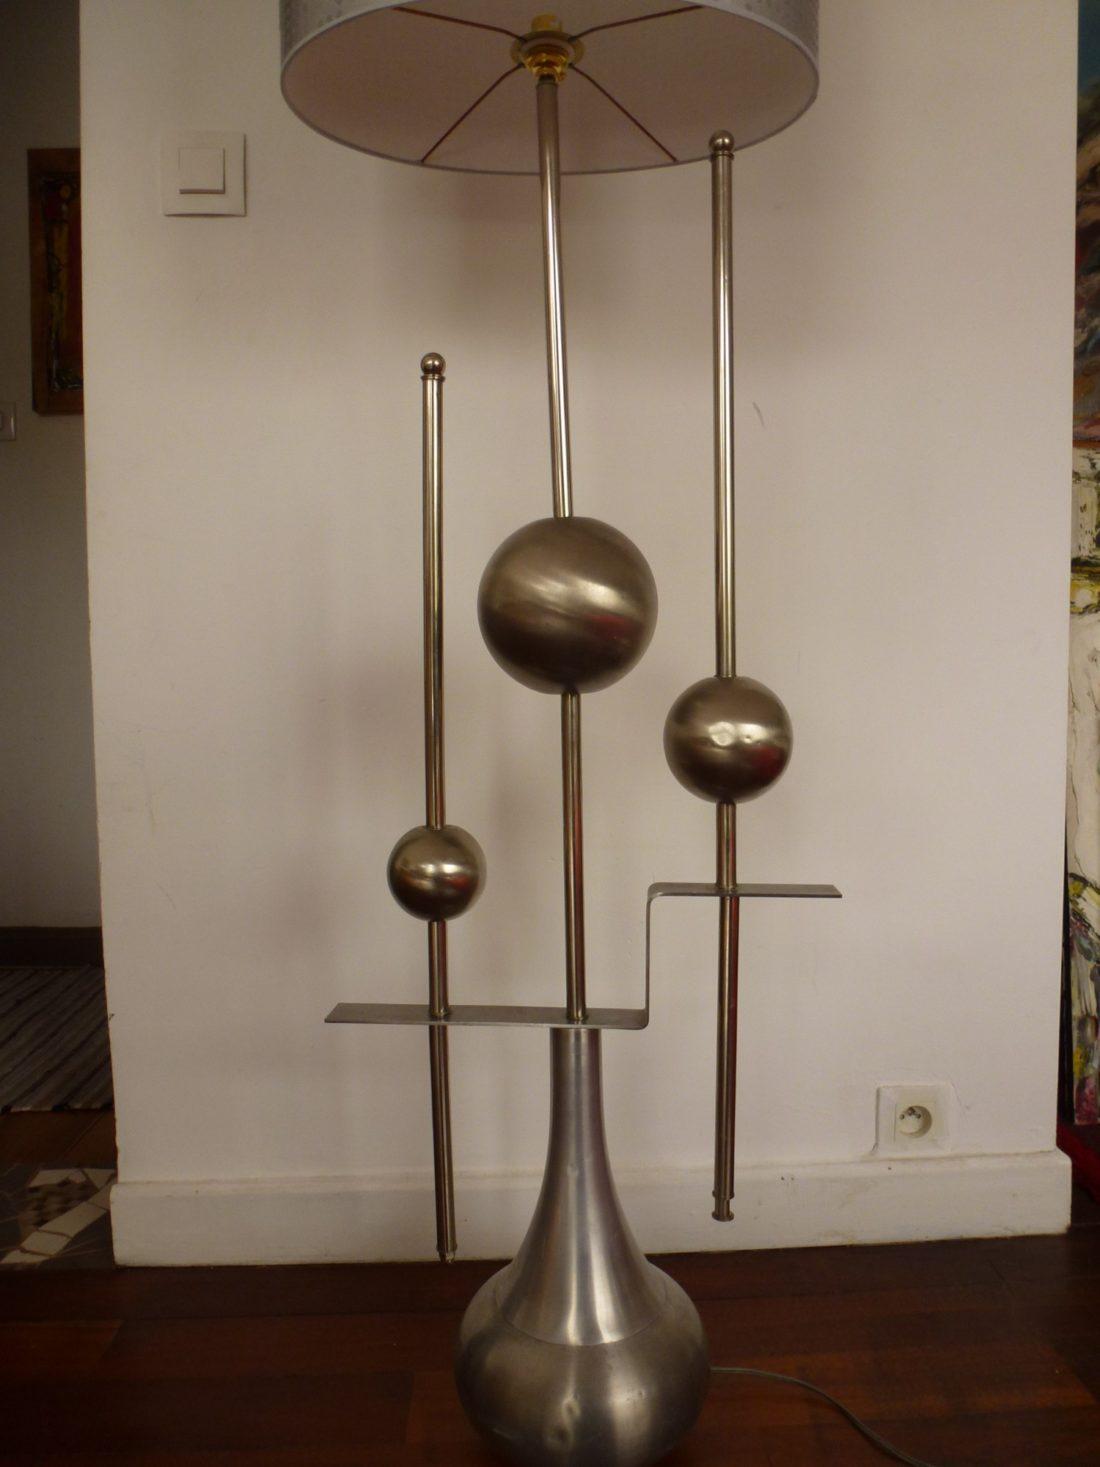 Lampe de sol en métal design 1970 vue rapprochée